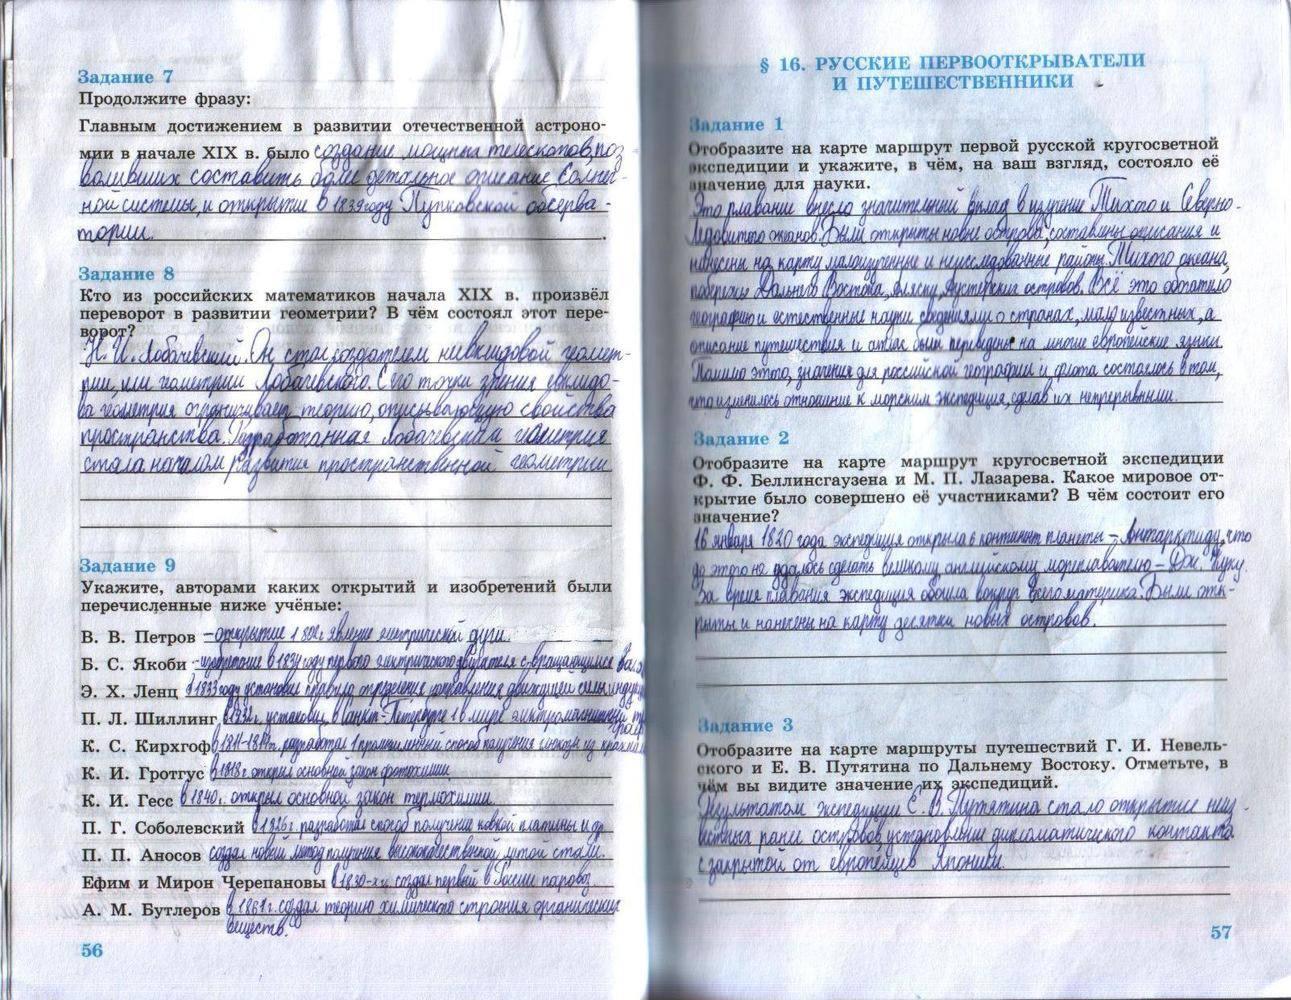 гдз по истории по учебнику 8 класс 2 часть данилов